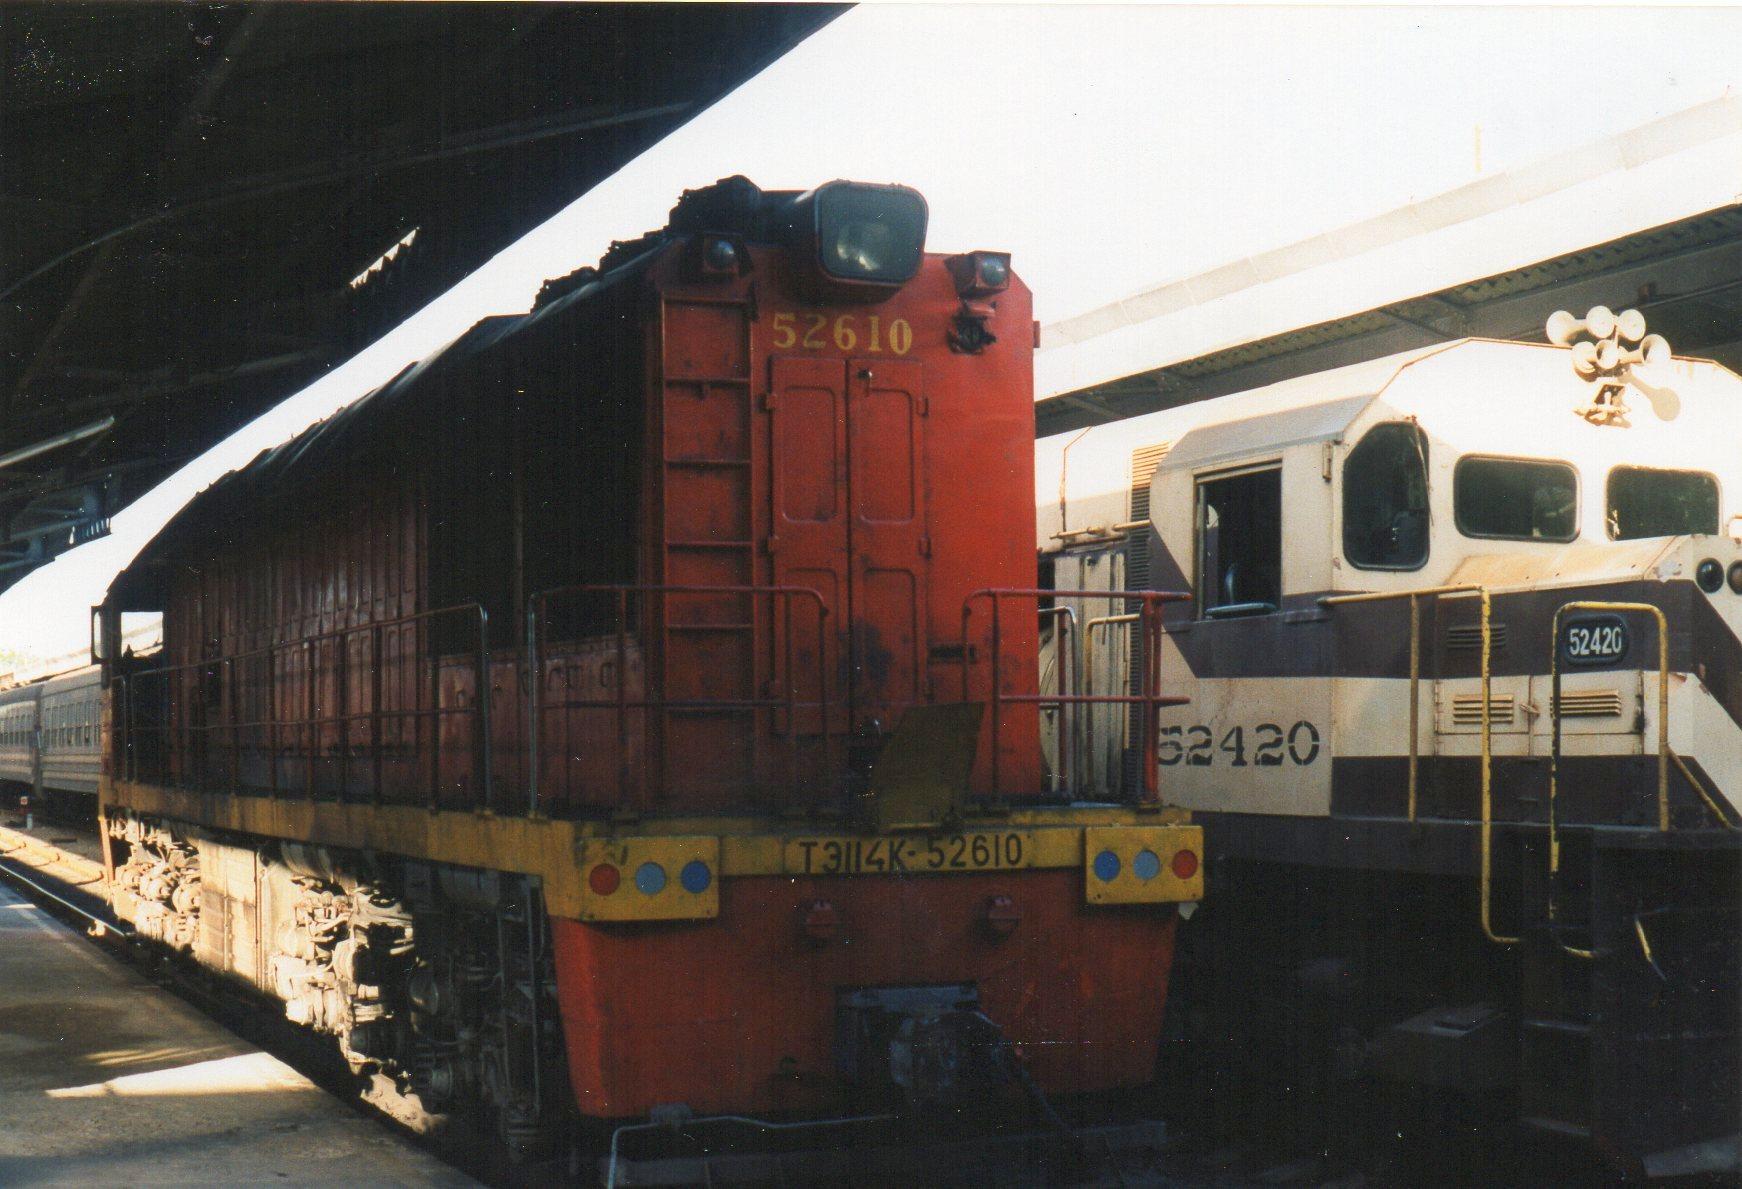 Vort tog blev dog trukket af en russer, der her er på vej. Det er FCC 52 610 af typen TE114K bygget i Vorshilovgrad 1978.